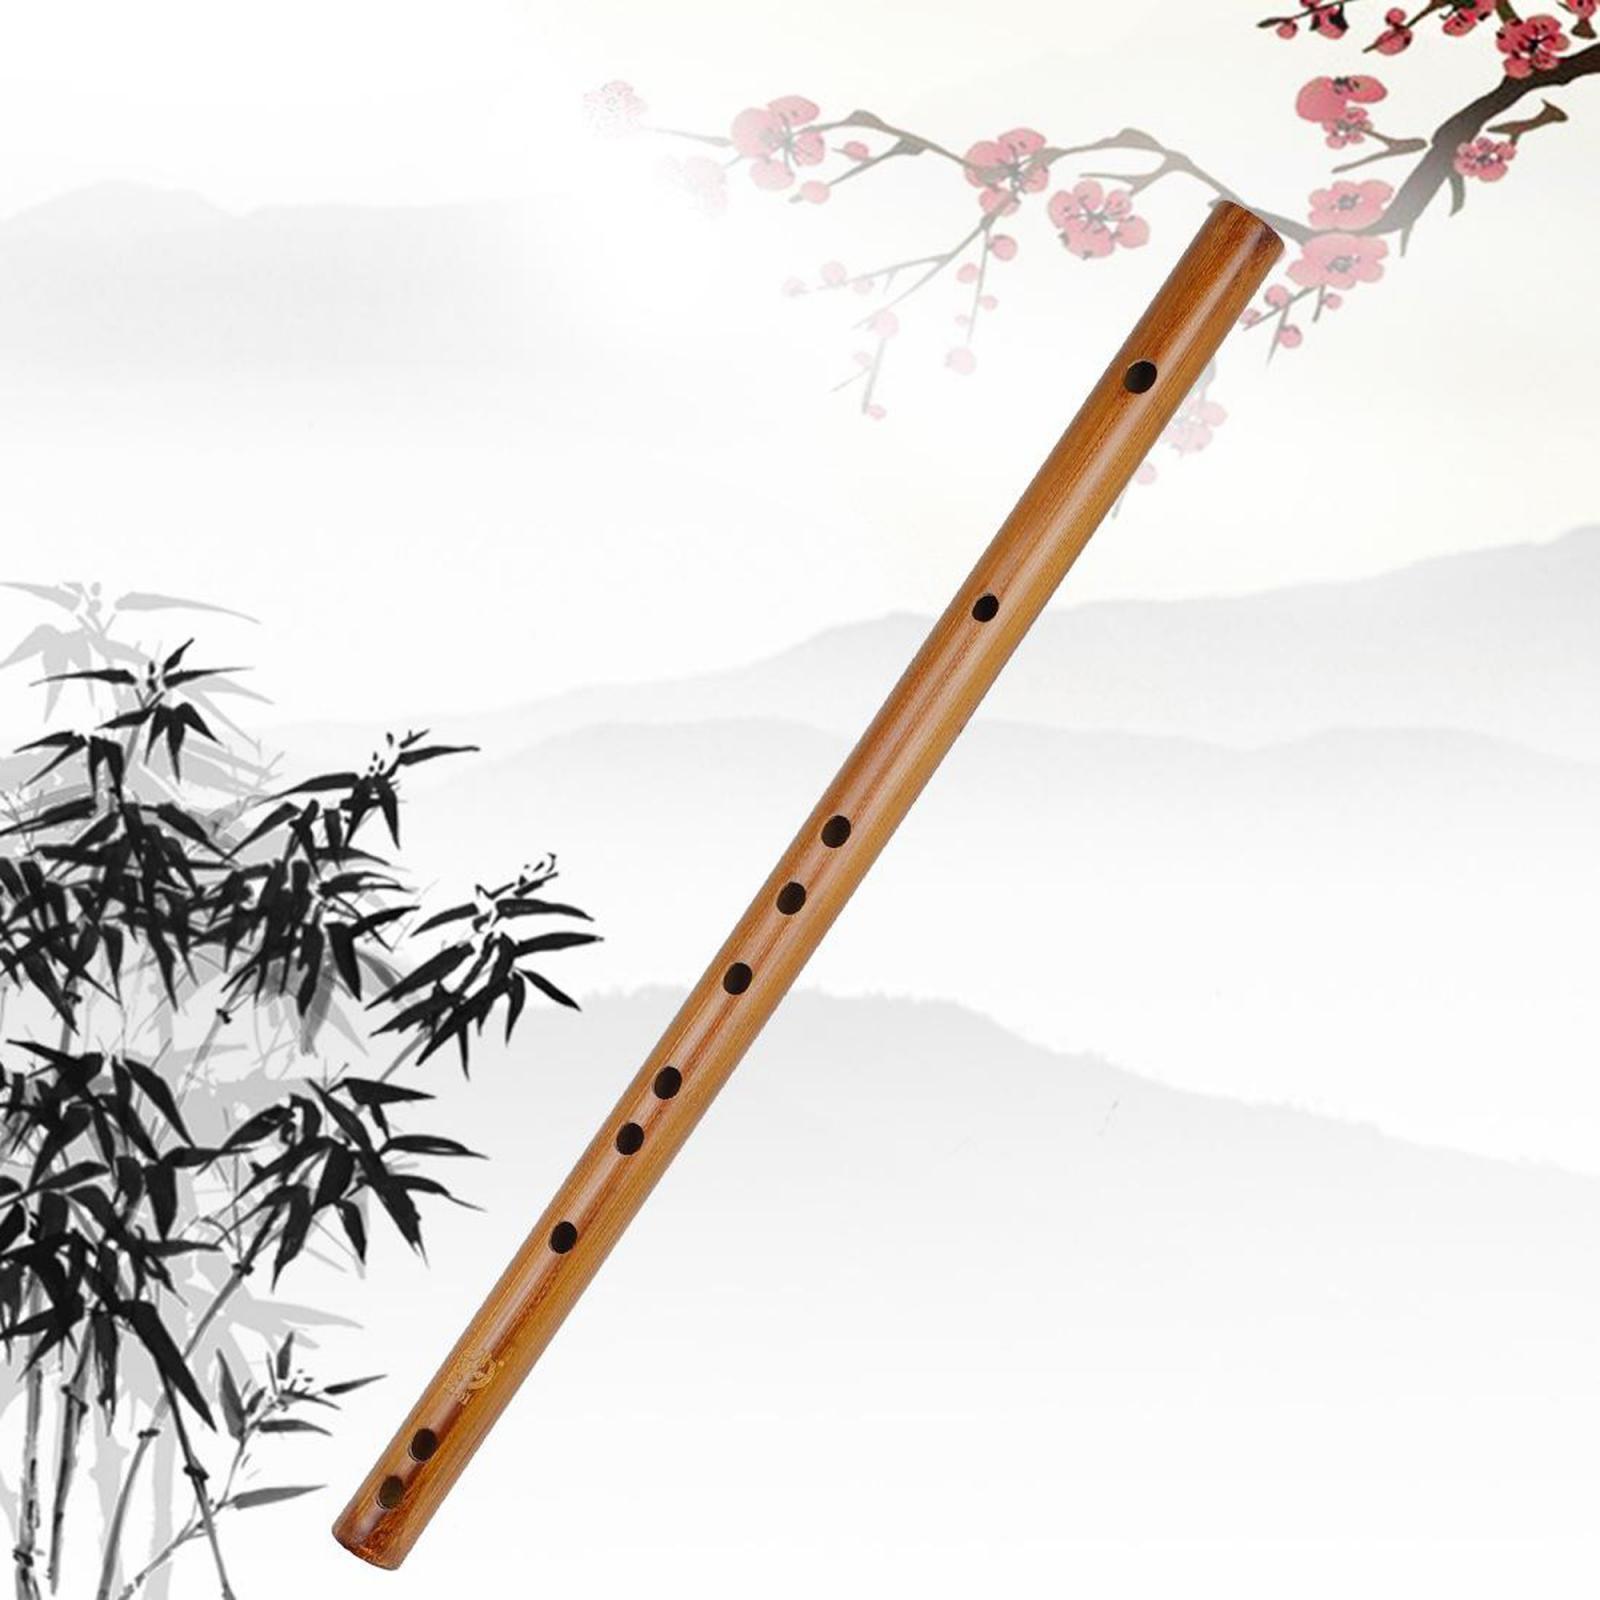 miniatura 55 - Unico-Indiano-di-Legno-Flauto-Strumento-Musicale-Registratore-Bansuri-Regalo